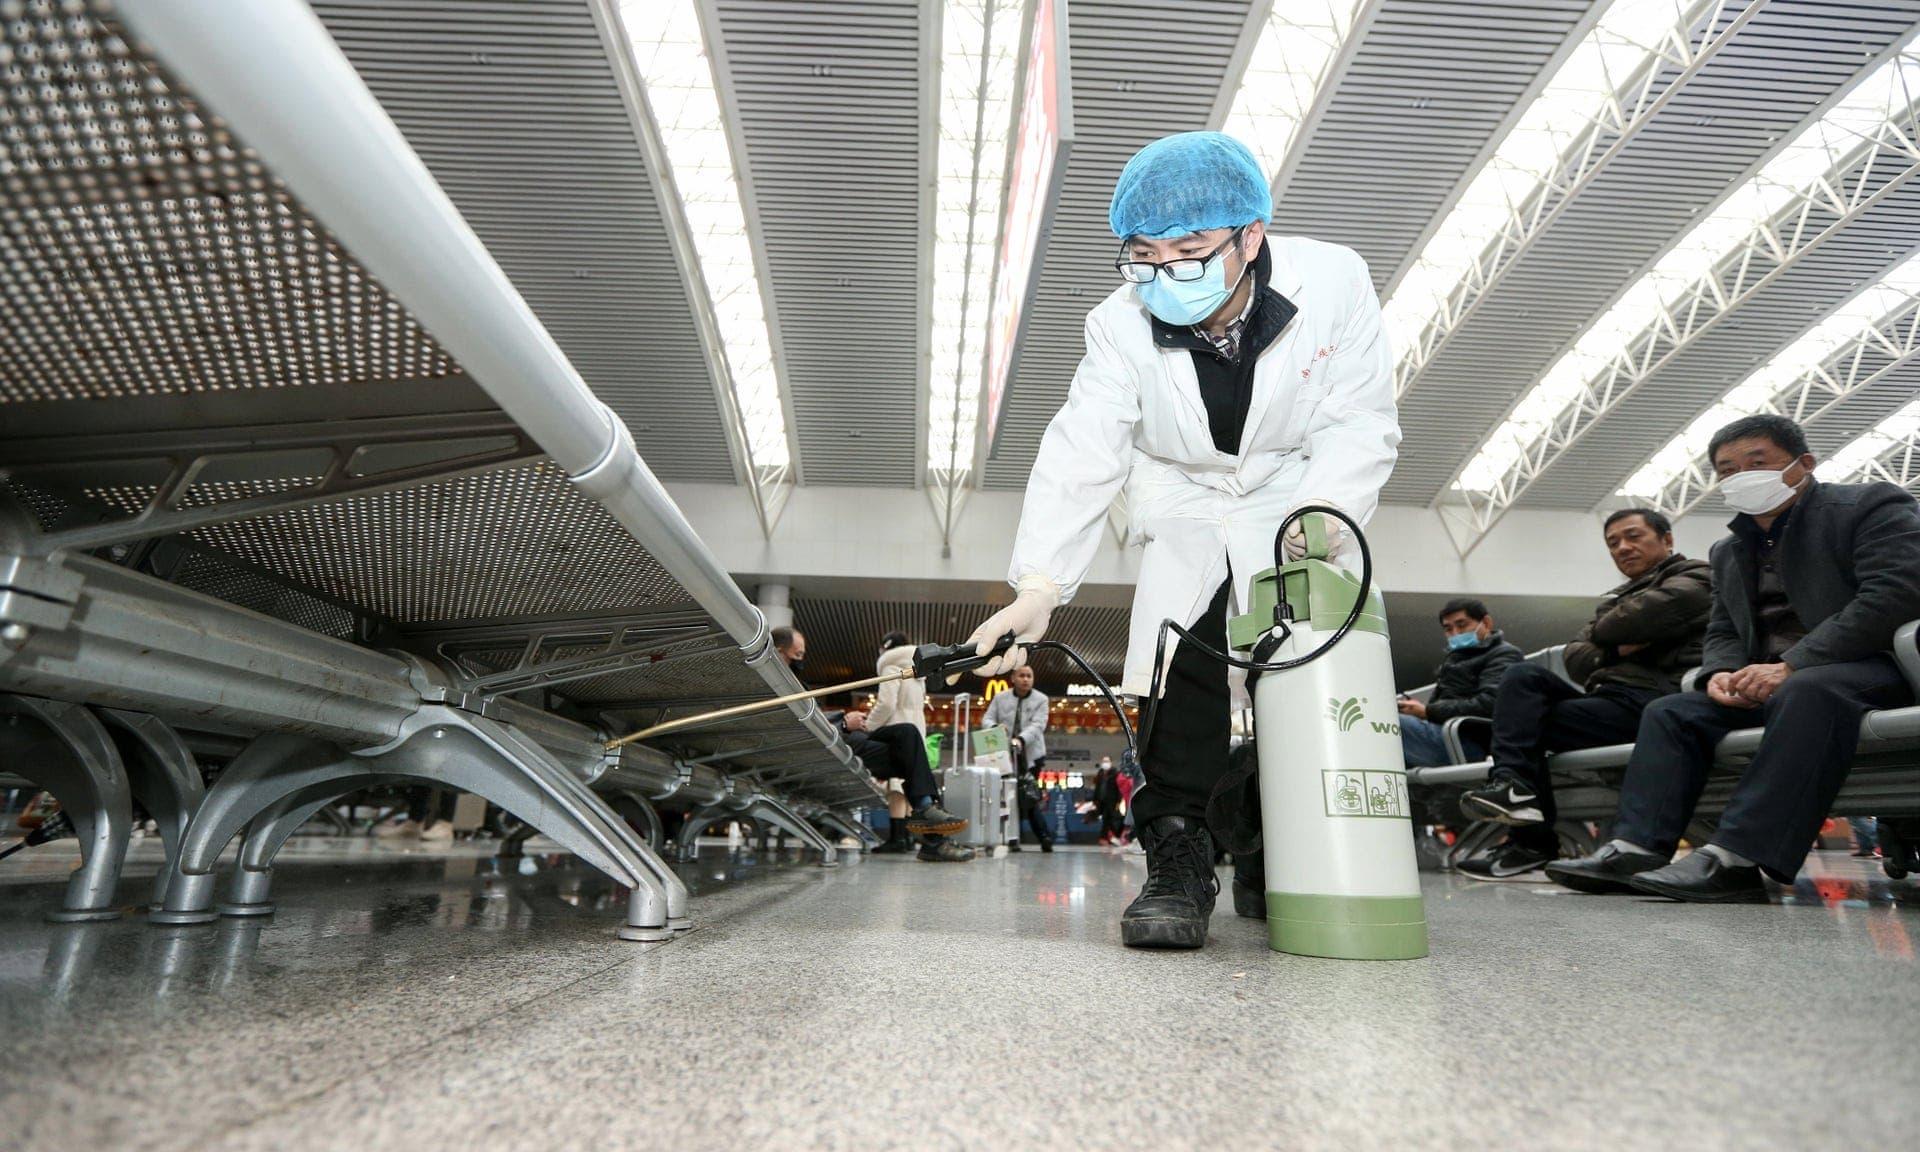 إجراءات صحية صارمة في مختلف مناطق الصين